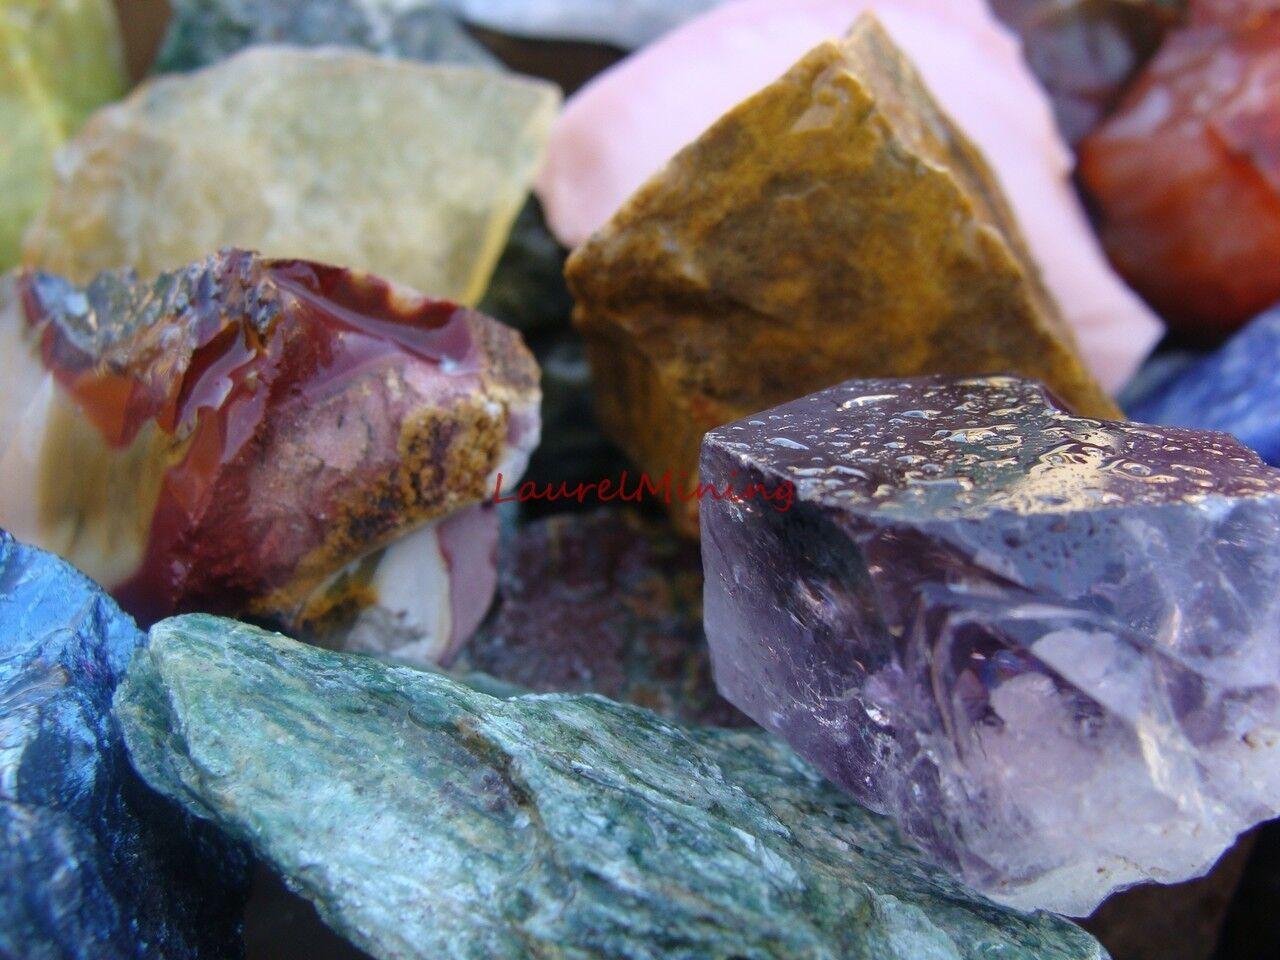 картинки драгоценные камни не обработанные изделия изготовлены